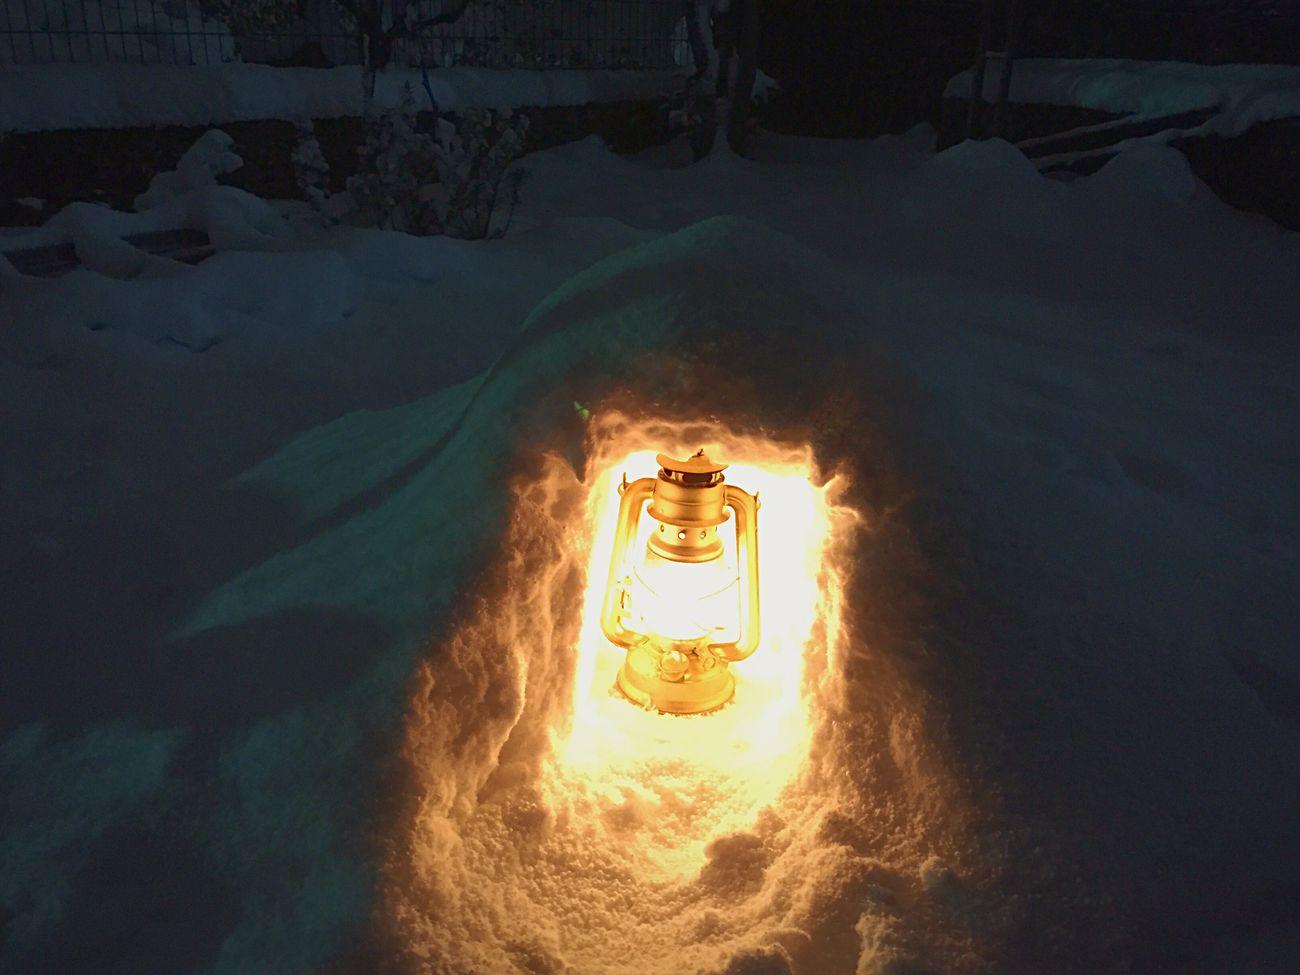 Snow Kamakura Lamp 雪 かまくら ランプ